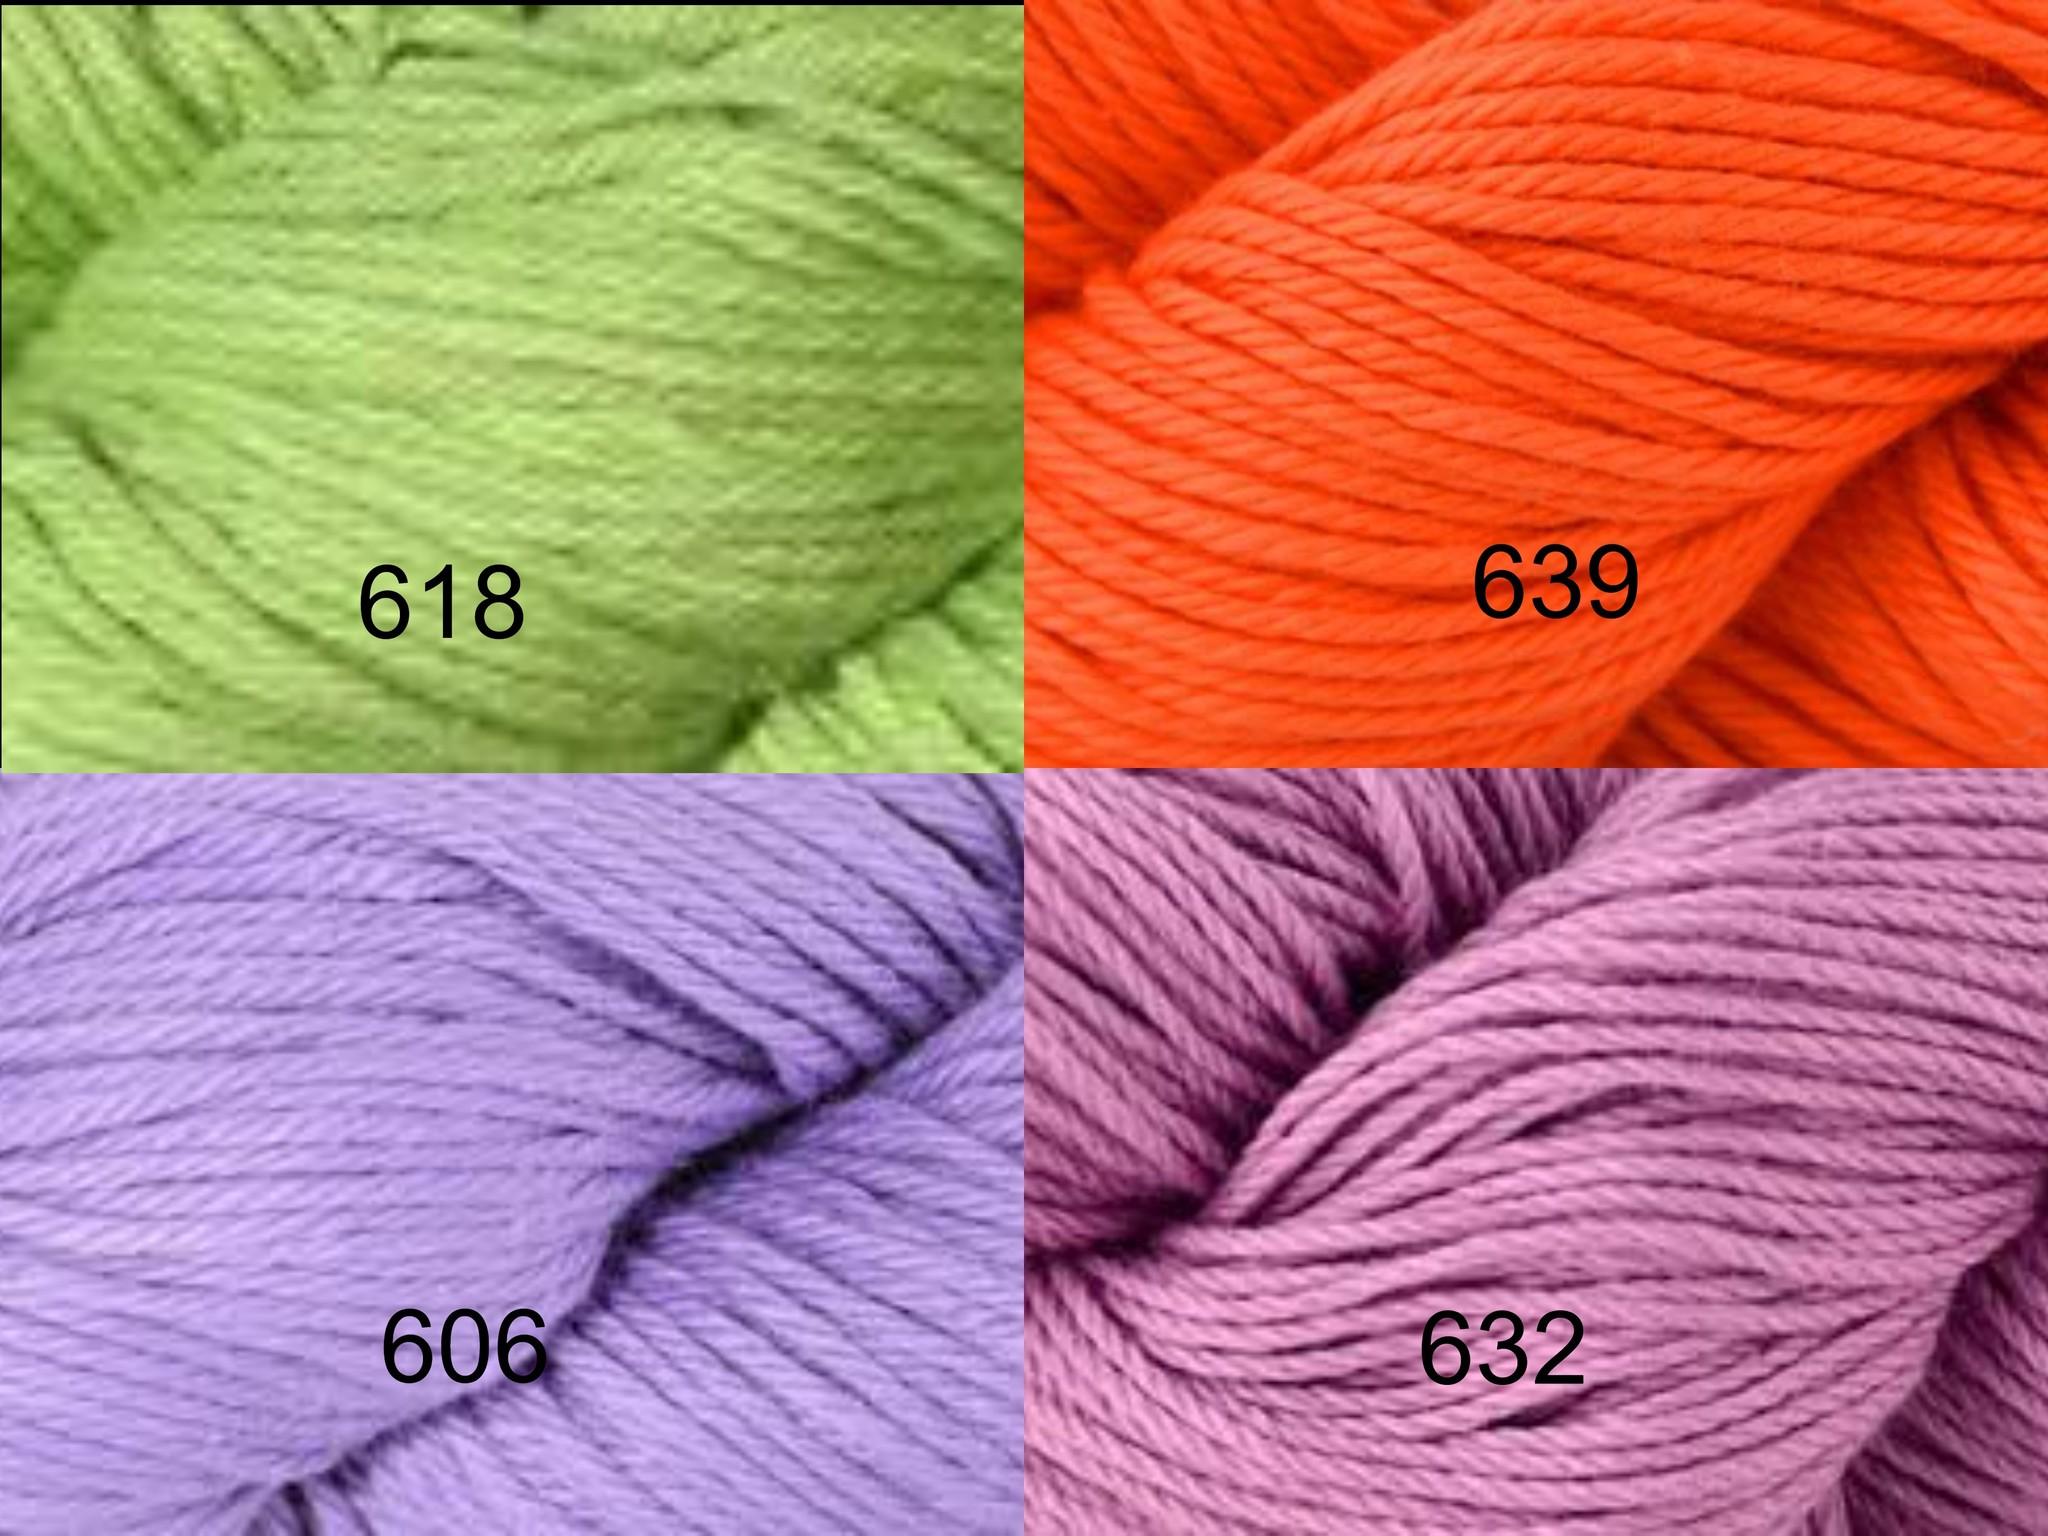 Universal Yarns Cotton Supreme - 600s